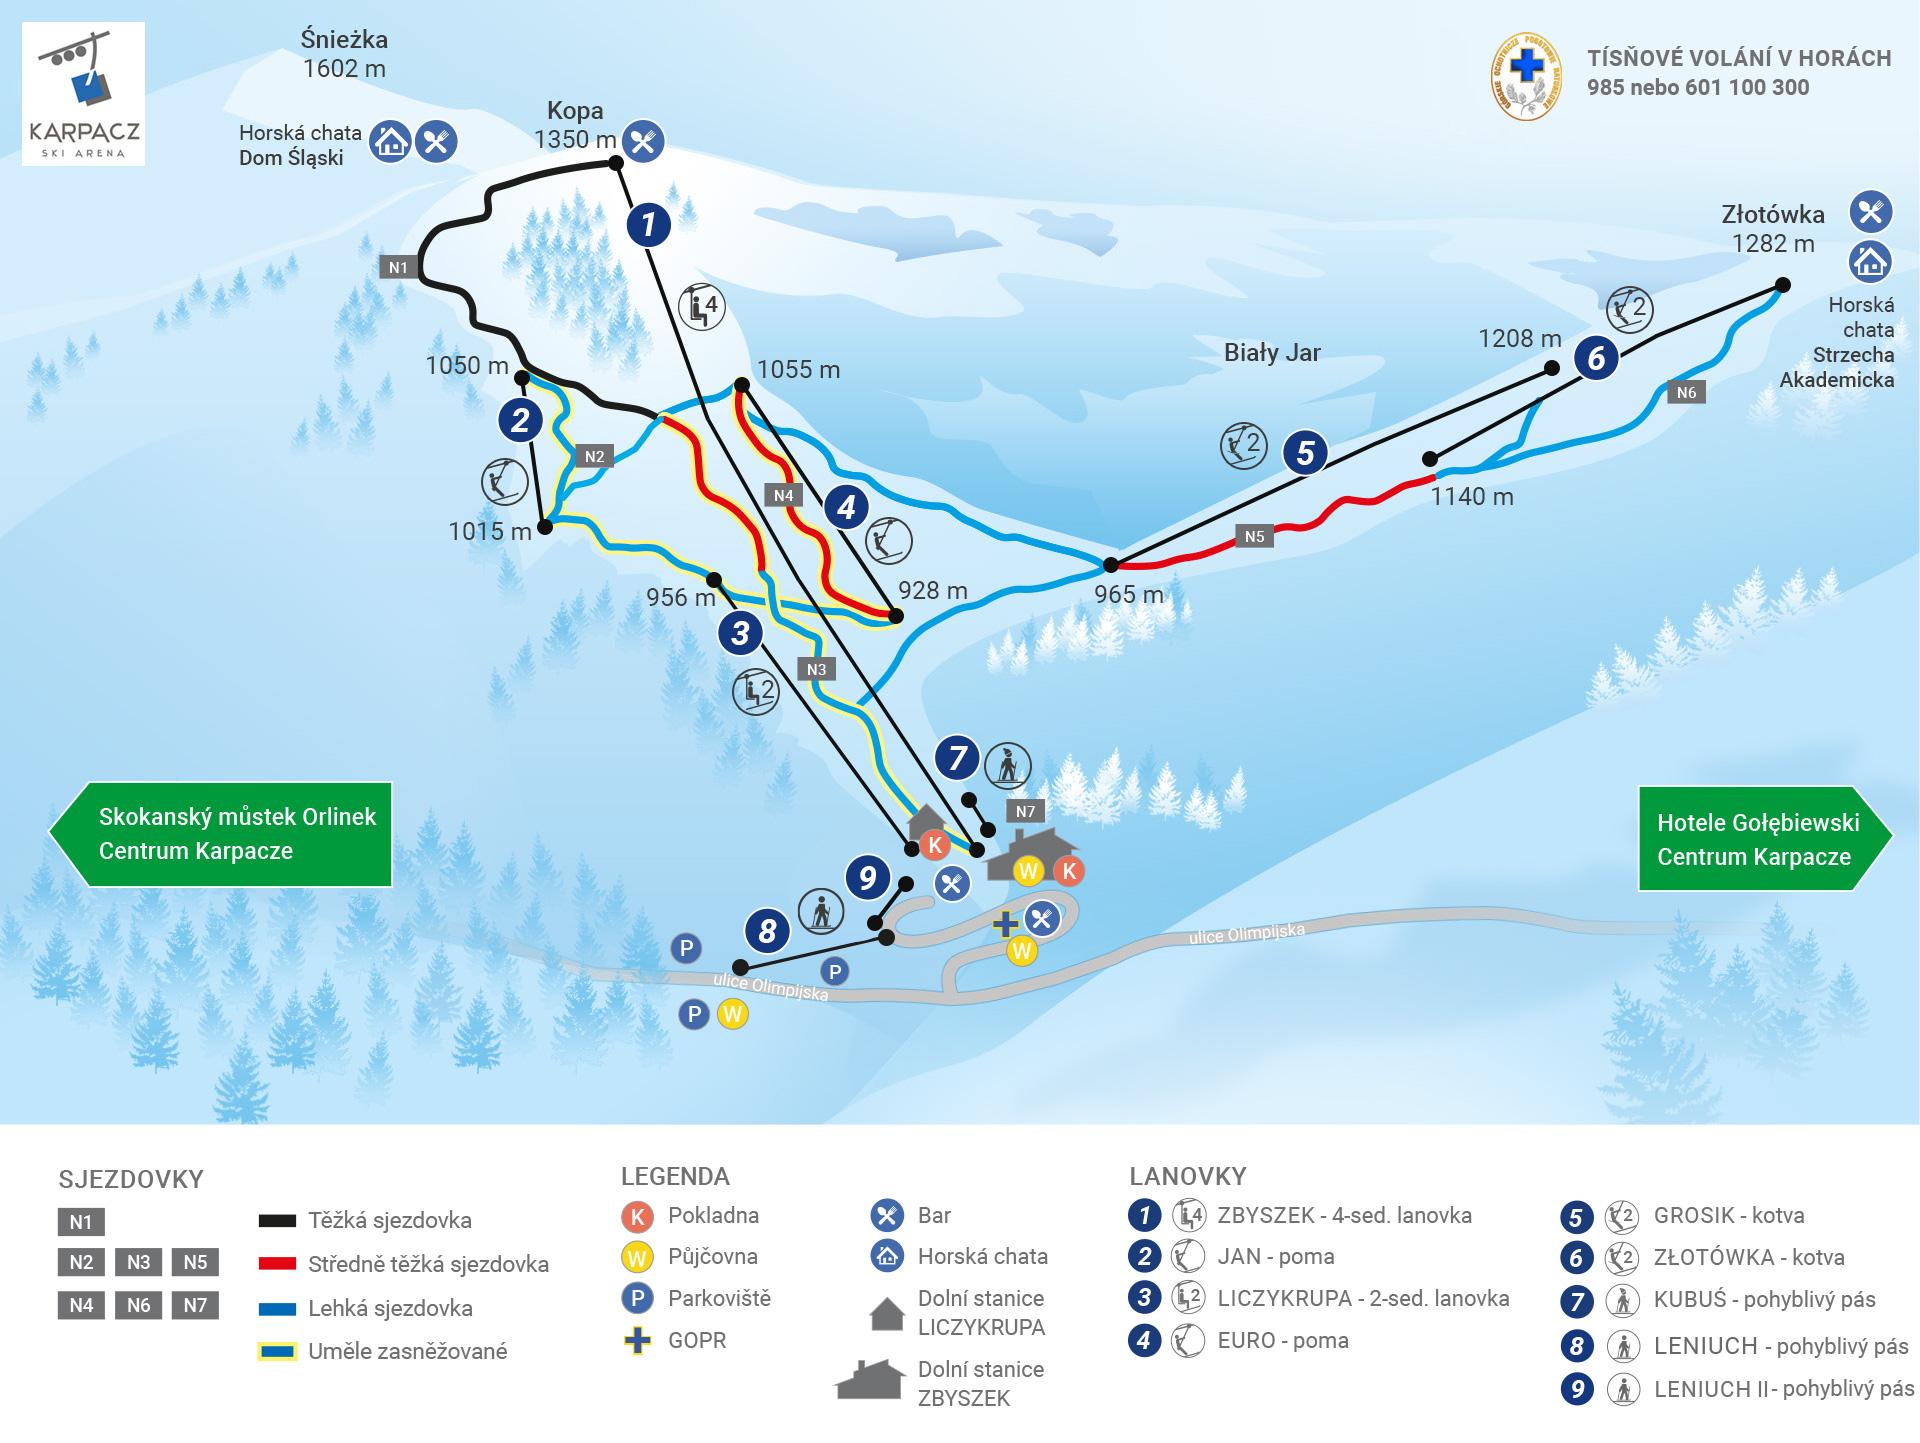 Karpacz Ski Arena_Mapa sjezdovek a lanovek